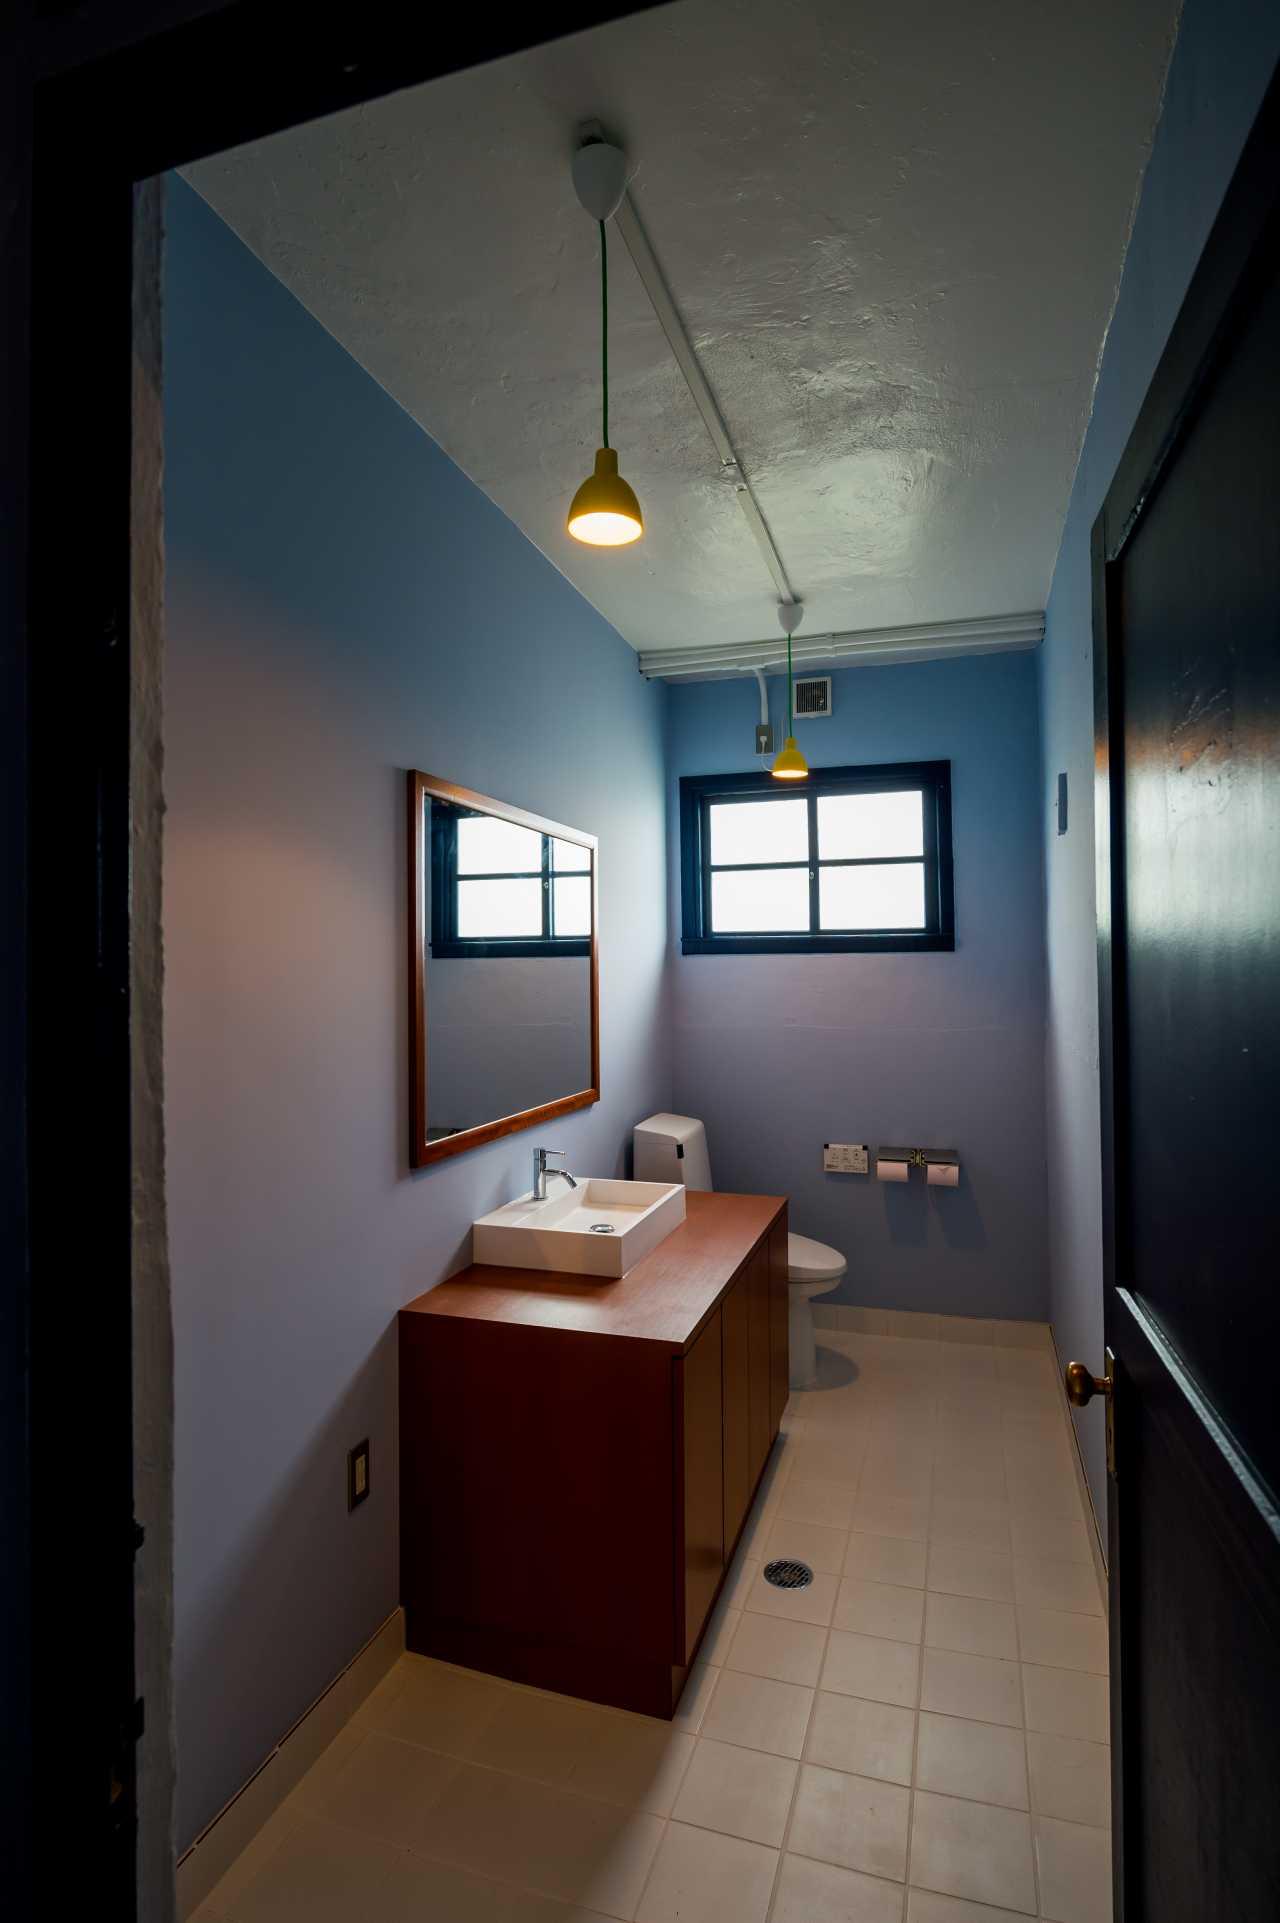 トイレは全体的にブルーで統一していて、カガミや洗面台も雰囲気に合うようにオリジナルで制作しています